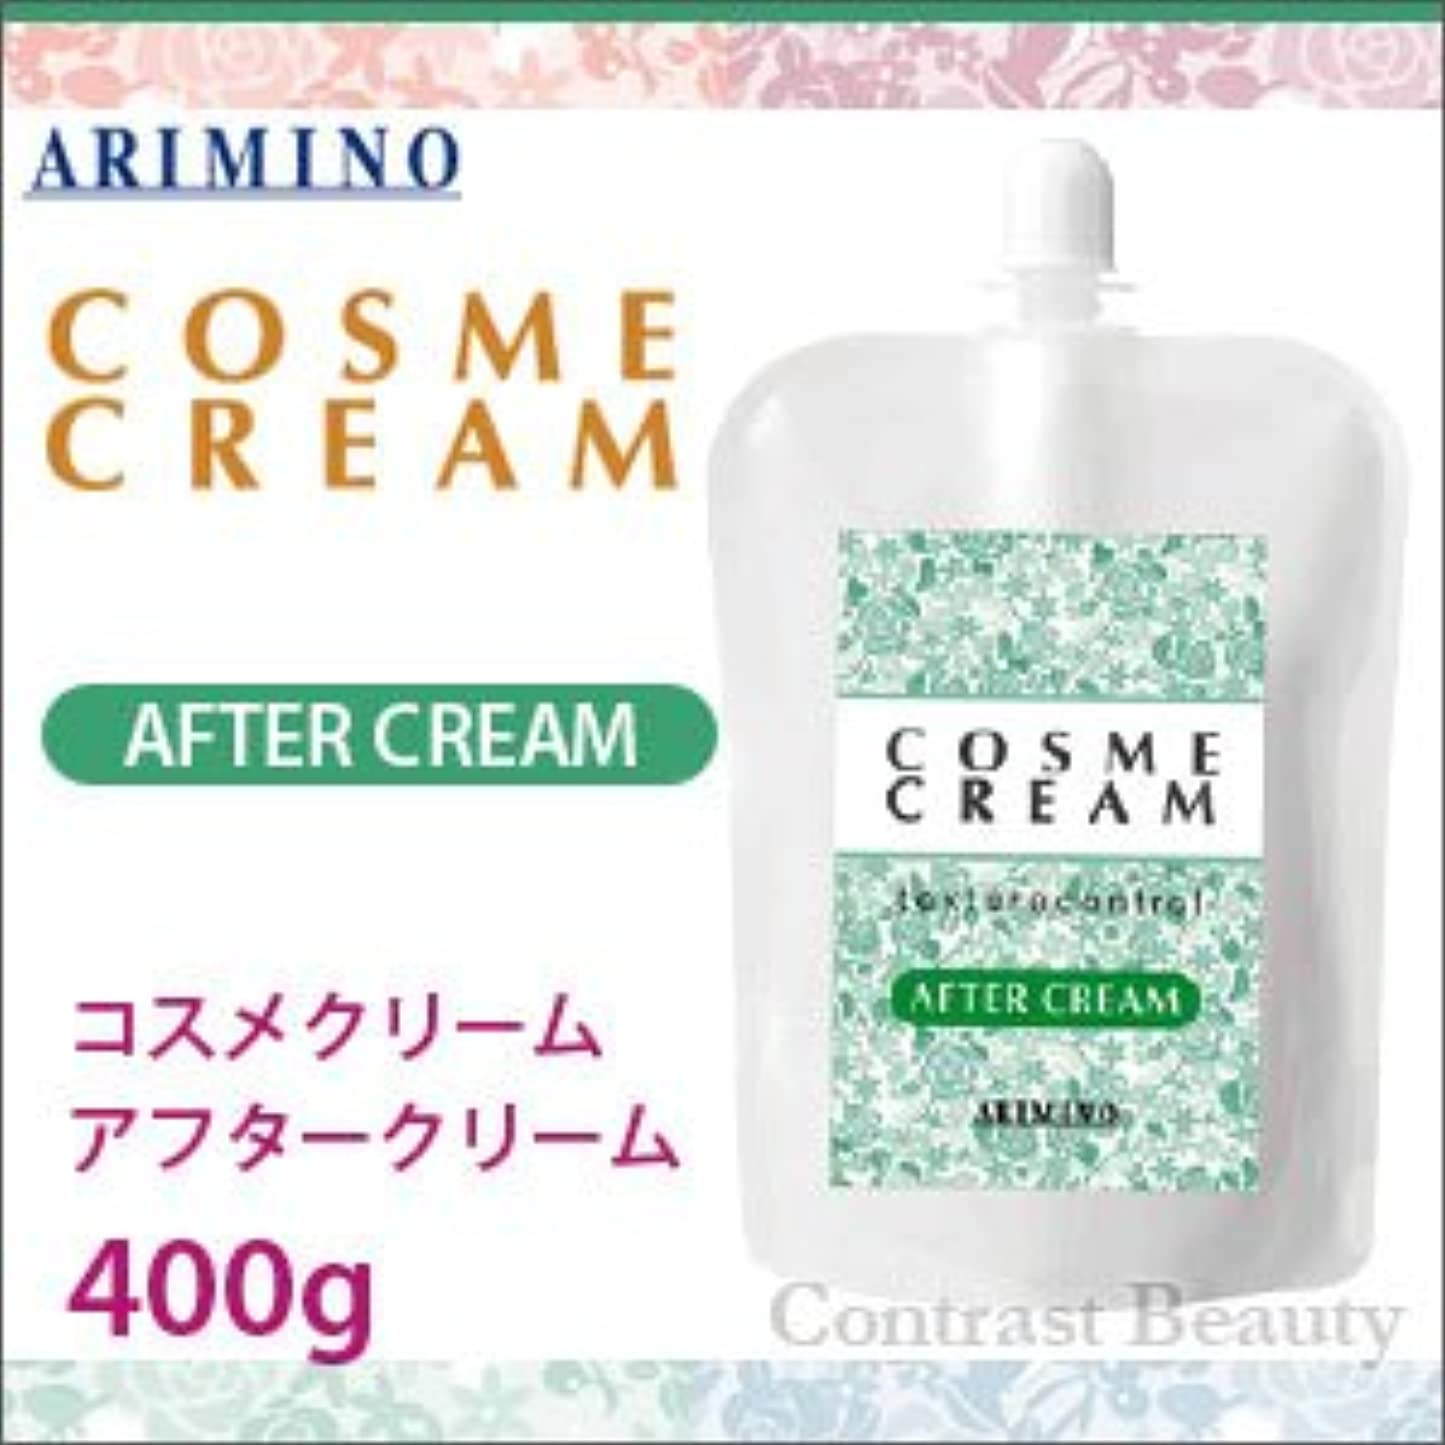 たるみ叙情的な高揚したアリミノ コスメクリーム アフタークリーム 400g